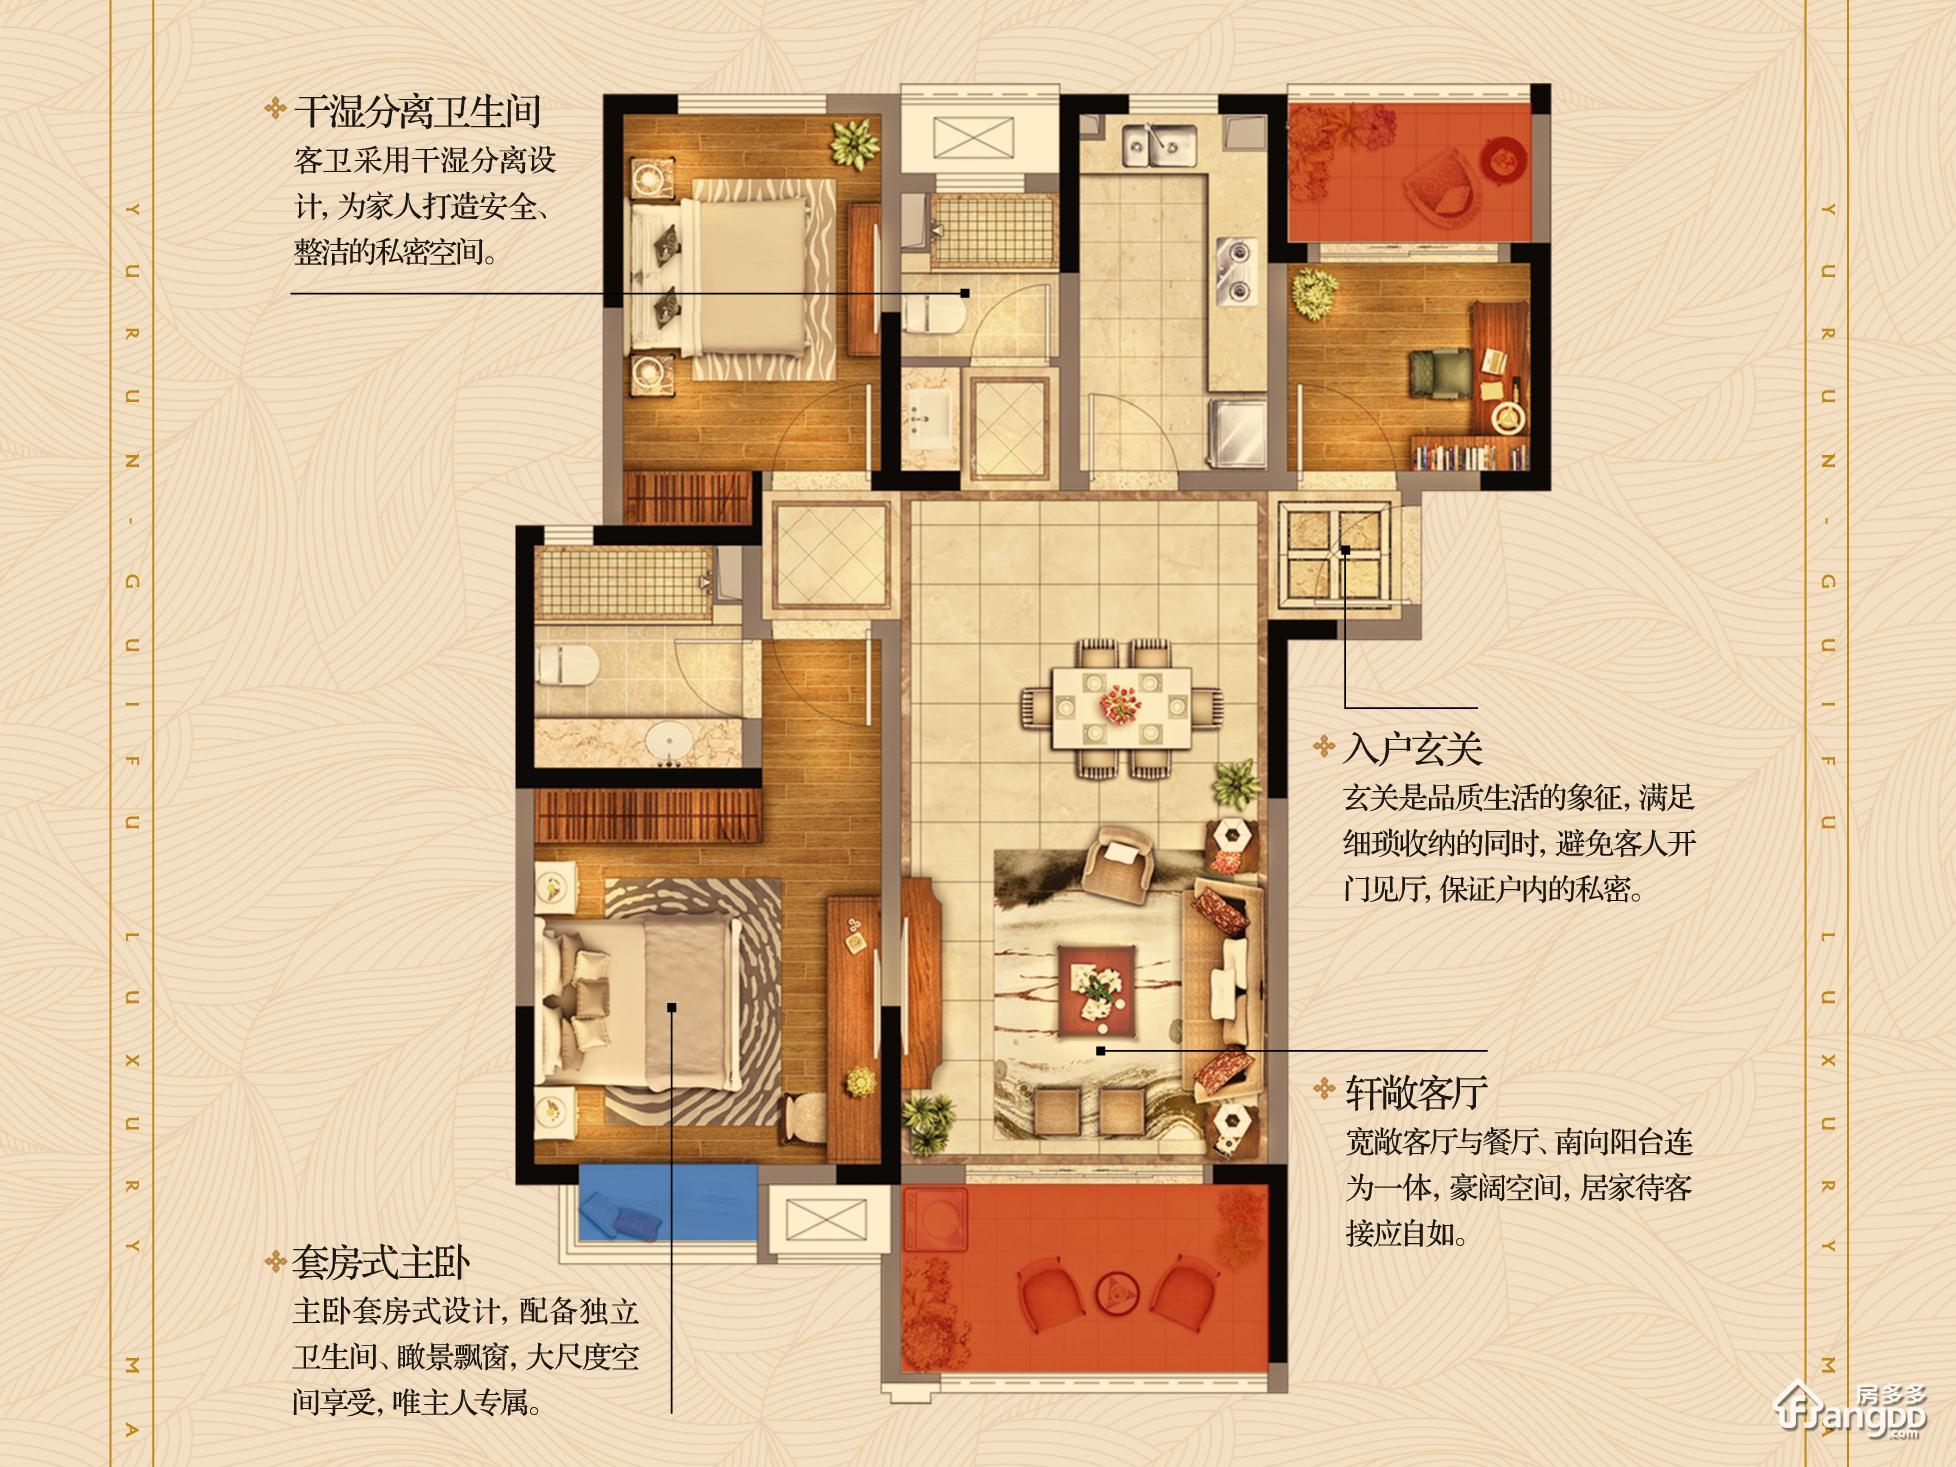 佳源桂府2室2厅2卫户型图